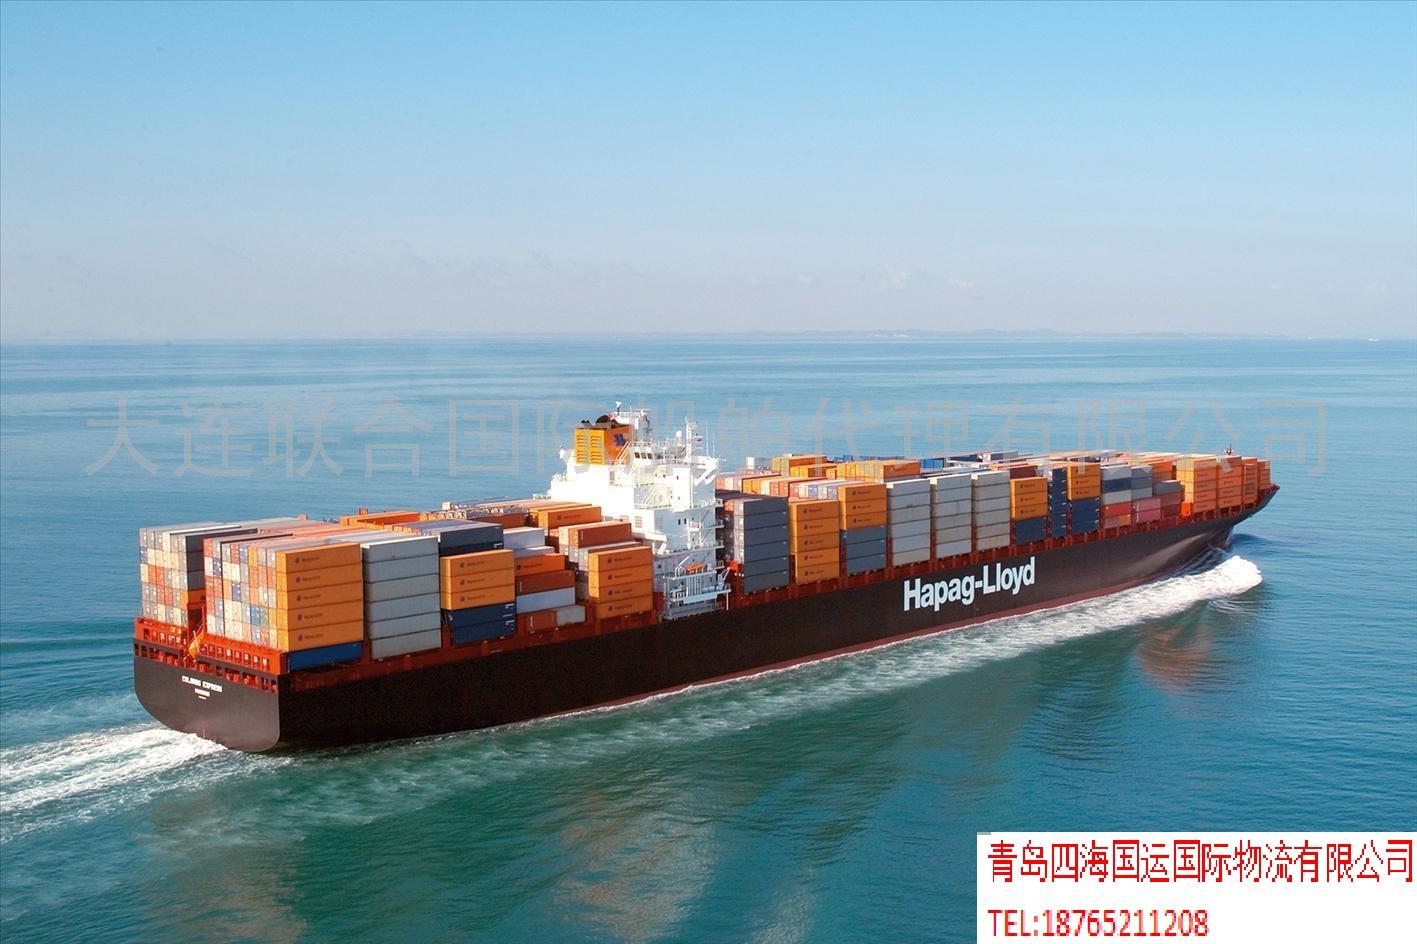 海运集装箱供应青岛QINGDAO到GENOA热那亚意大利整柜 海运集装箱